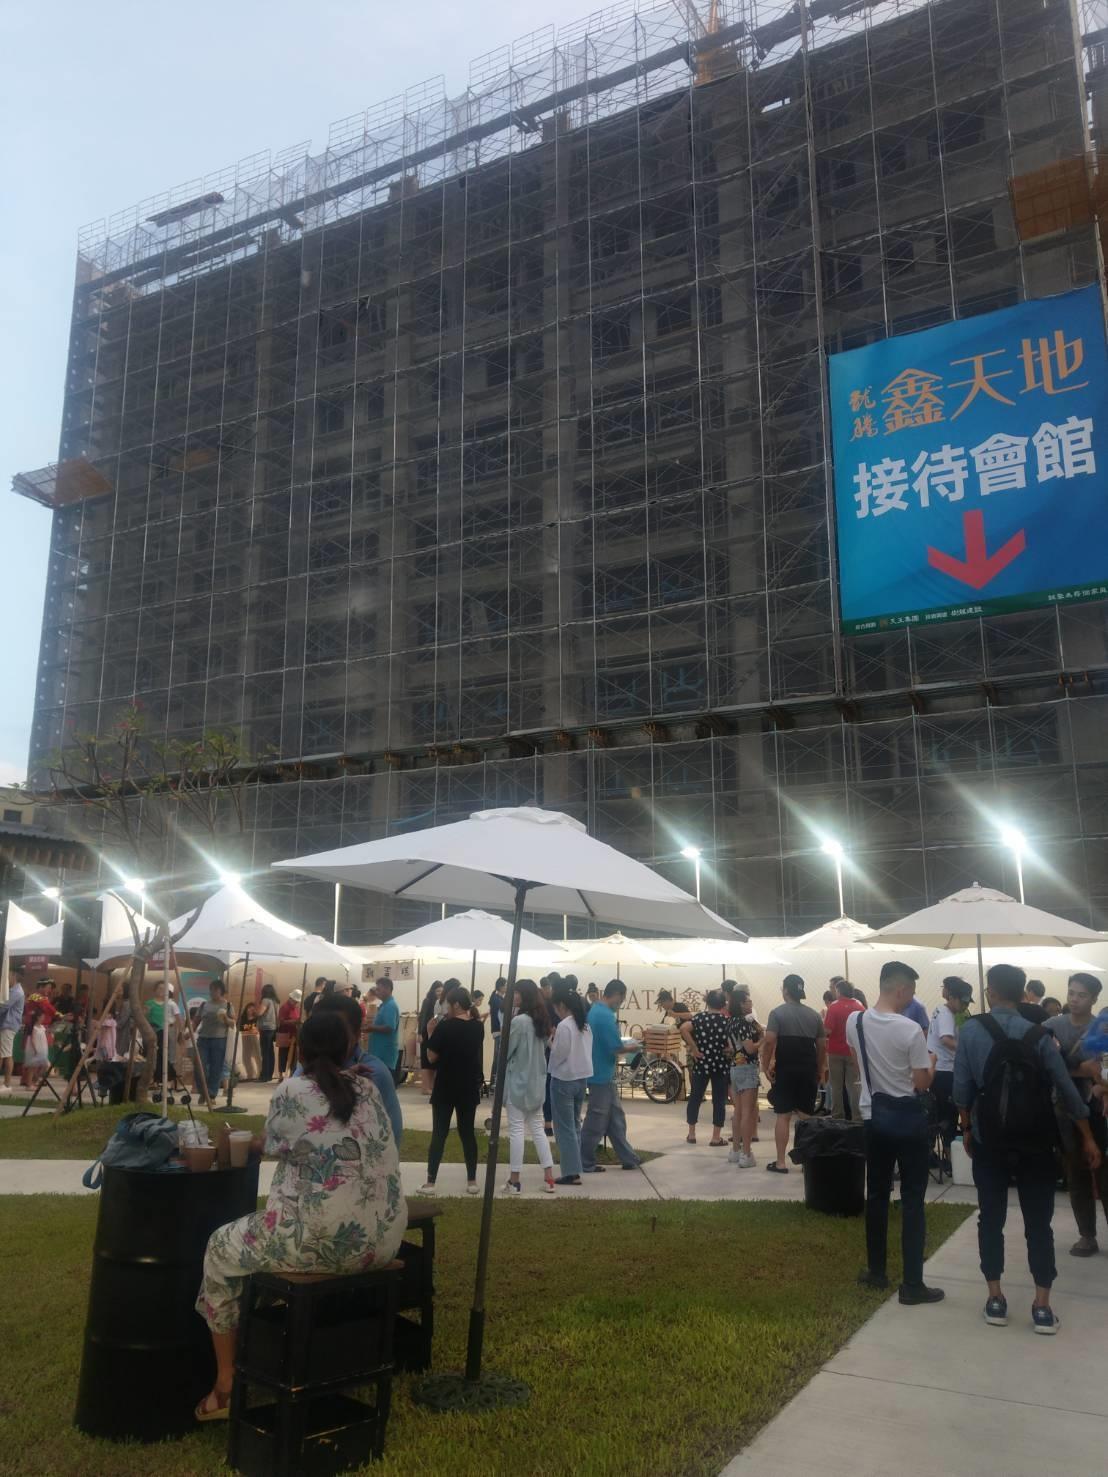 天玉集團在三民區推新案新─鑫天地2期,規畫文創餐車市集。記者謝梅芬/攝影